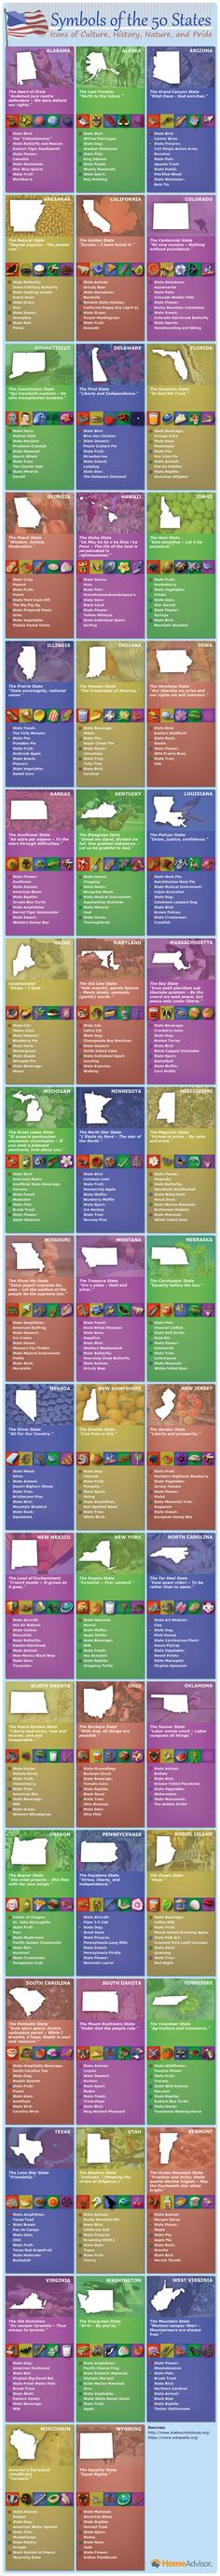 50 States Symbols & Icons - HomeAdvisor.com - Infographic